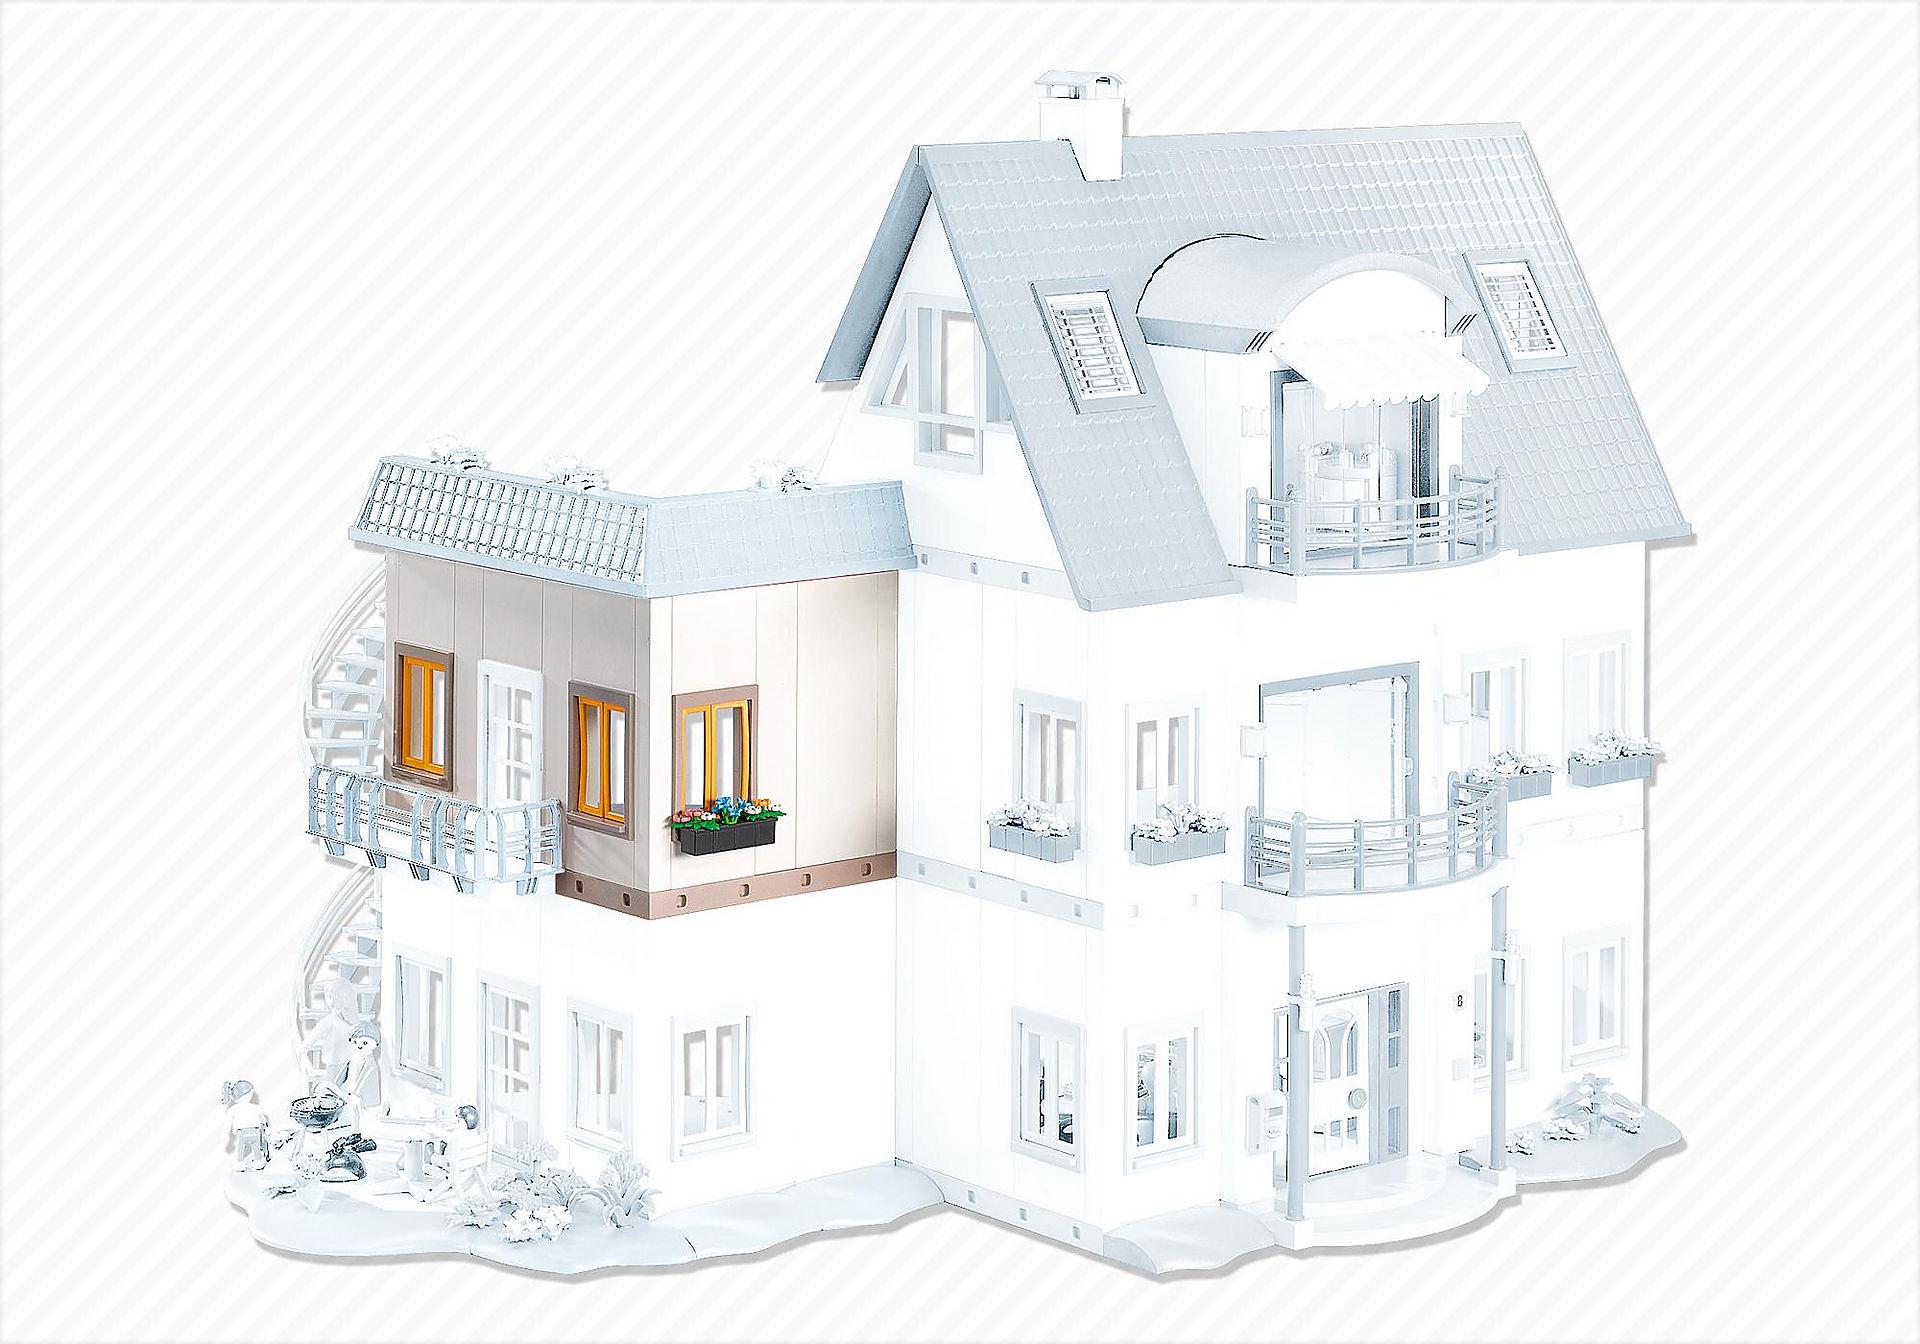 7389 Pièce d`étage supplémentaire pour villa moderne C zoom image1